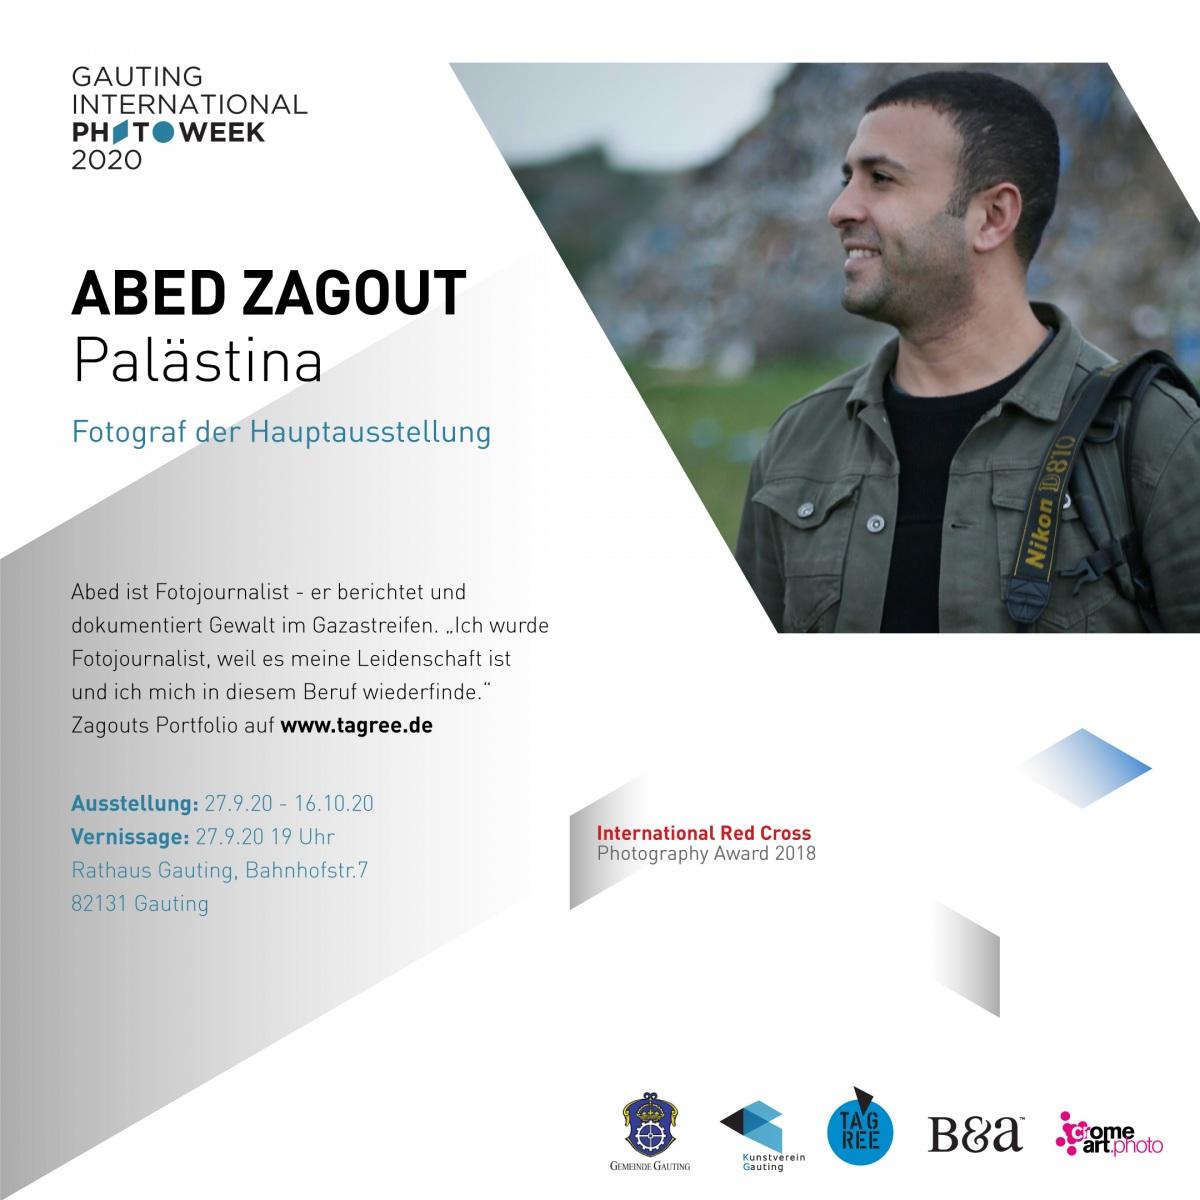 Abed Zagout / Palästina